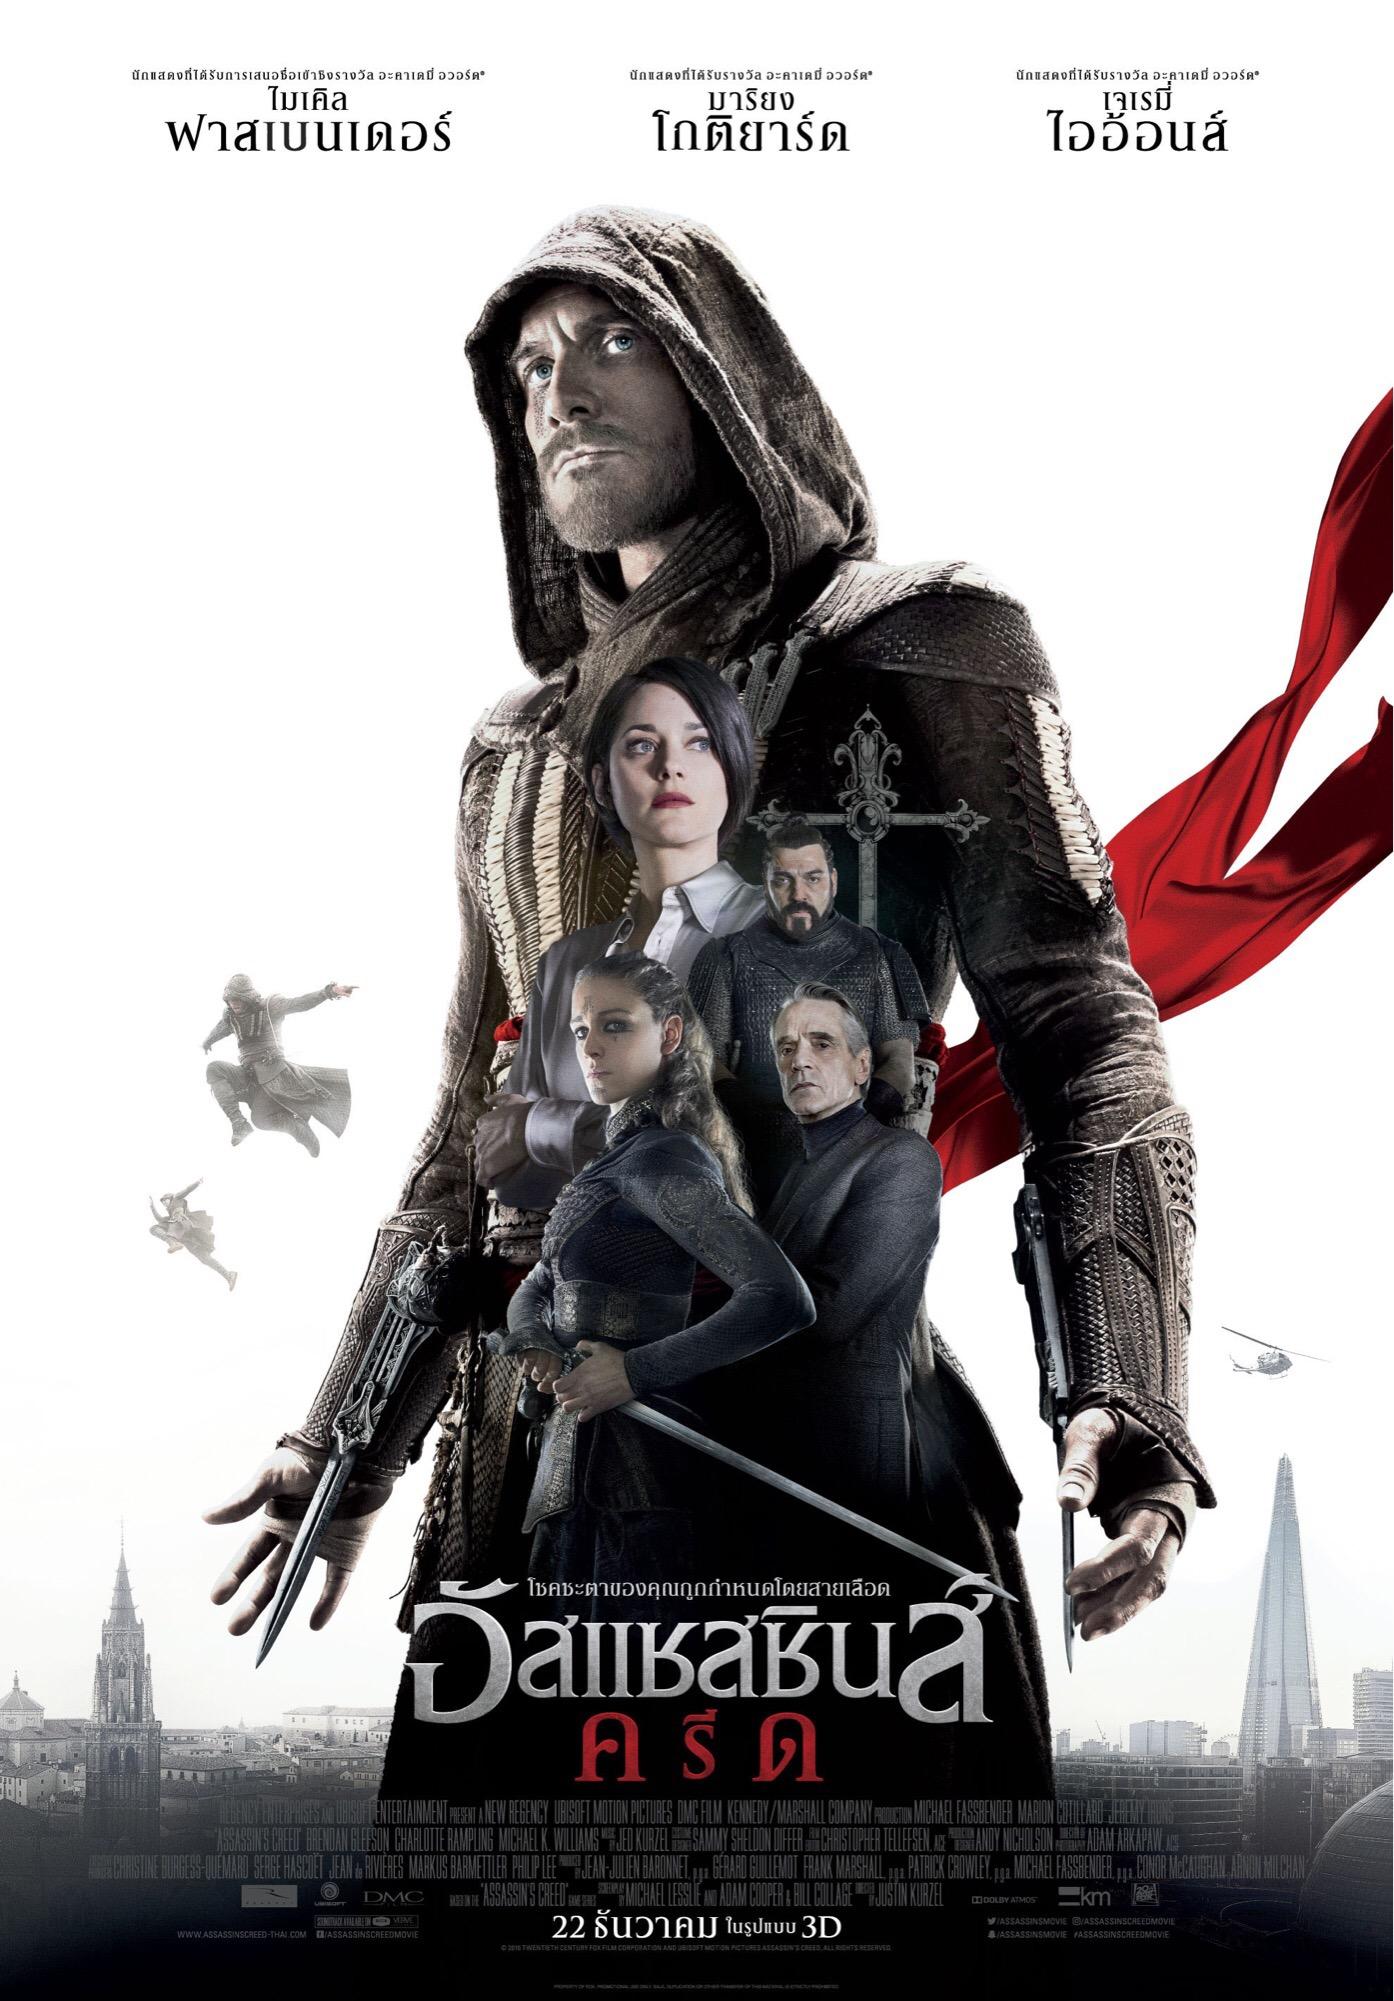 เผยโปสเตอร์ล่าสุด Assassin's Creed ดัดแปลงจากวีดีโอเกมยอดนิยม พร้อมฉาย 22 ธันวาคมนี้ในโรงภาพยนตร์